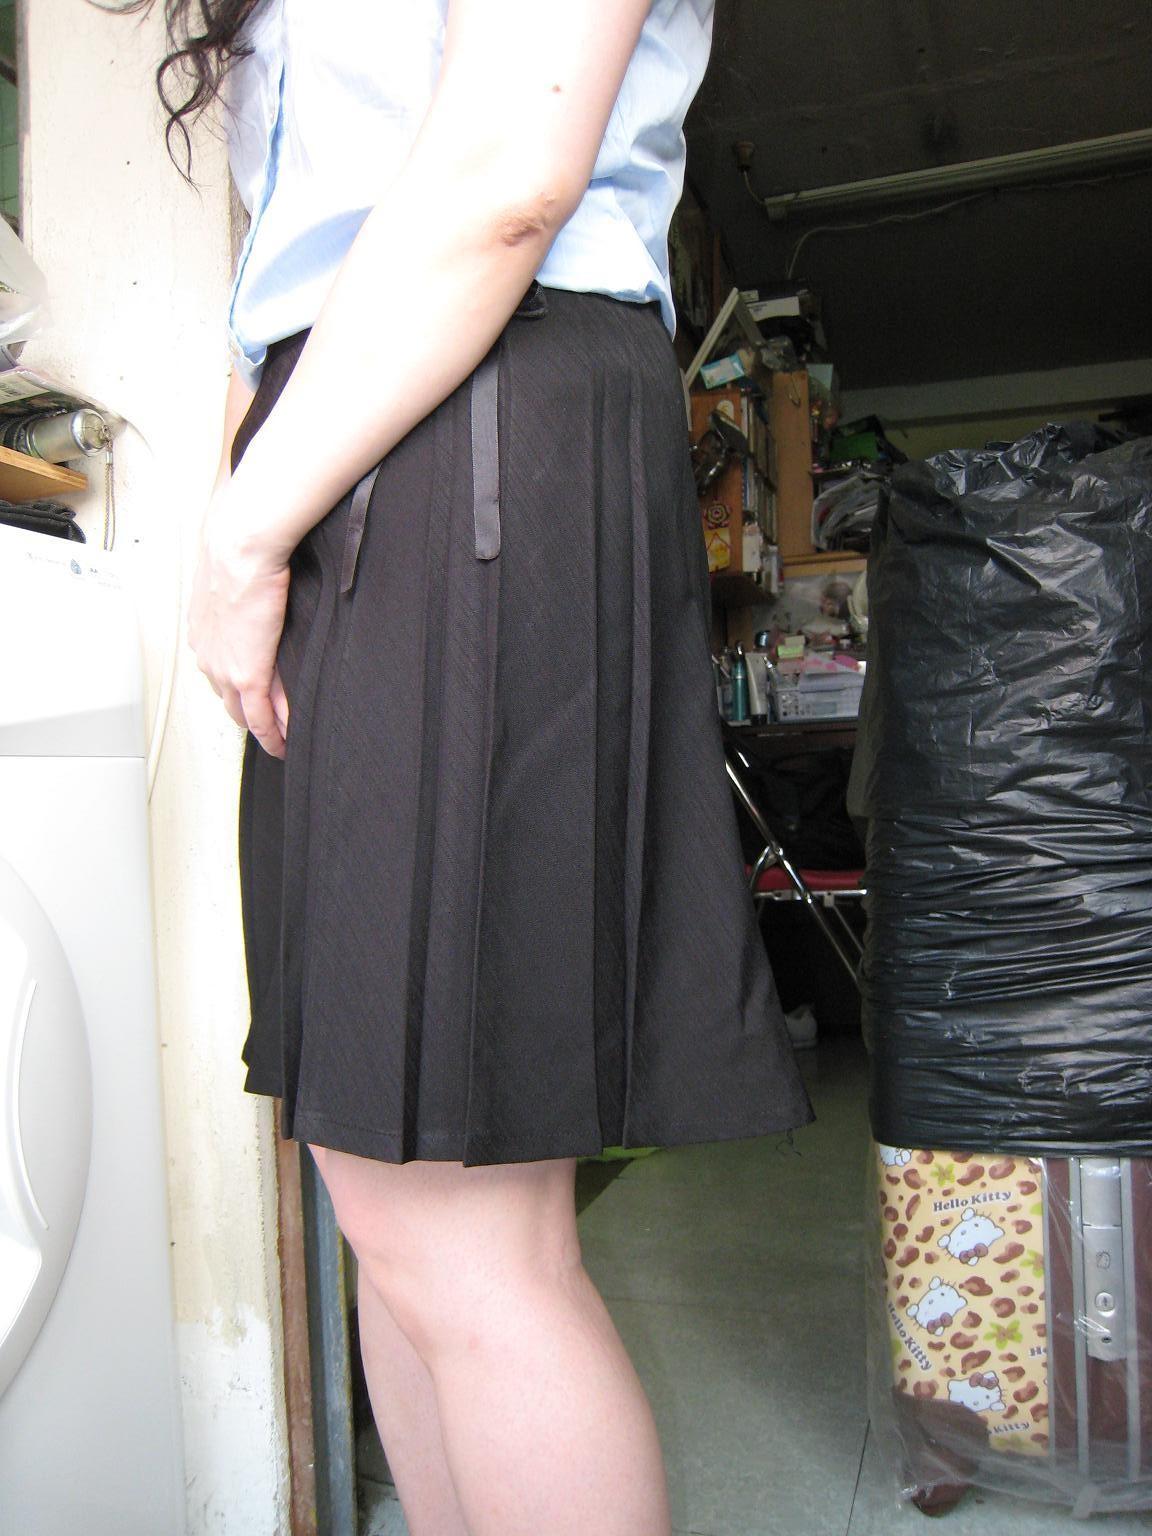 Женщина из Гонконга показывает крупным планом бритую пизду и сосок